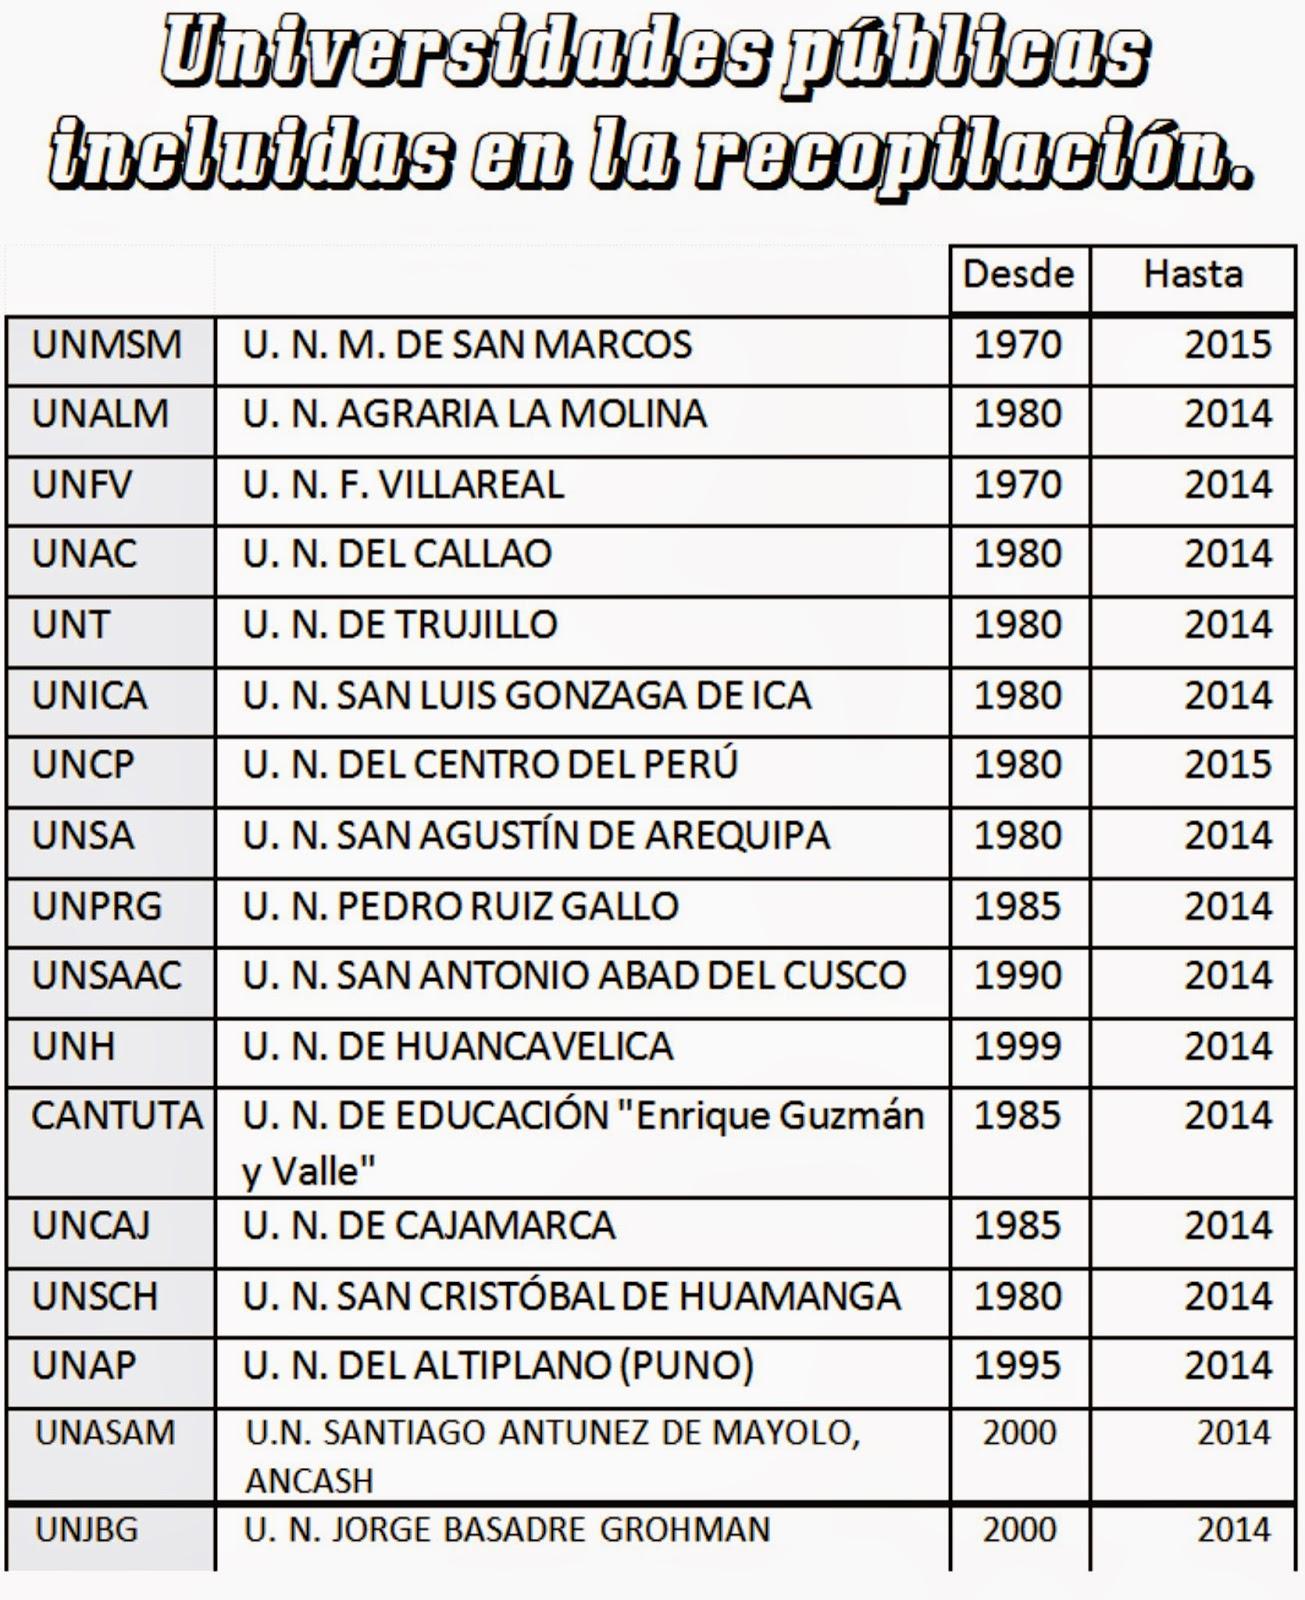 ANATOMÍA PREUNIVERSITARIA: ANATOMÍA: 50 años Exámenes de Admisión